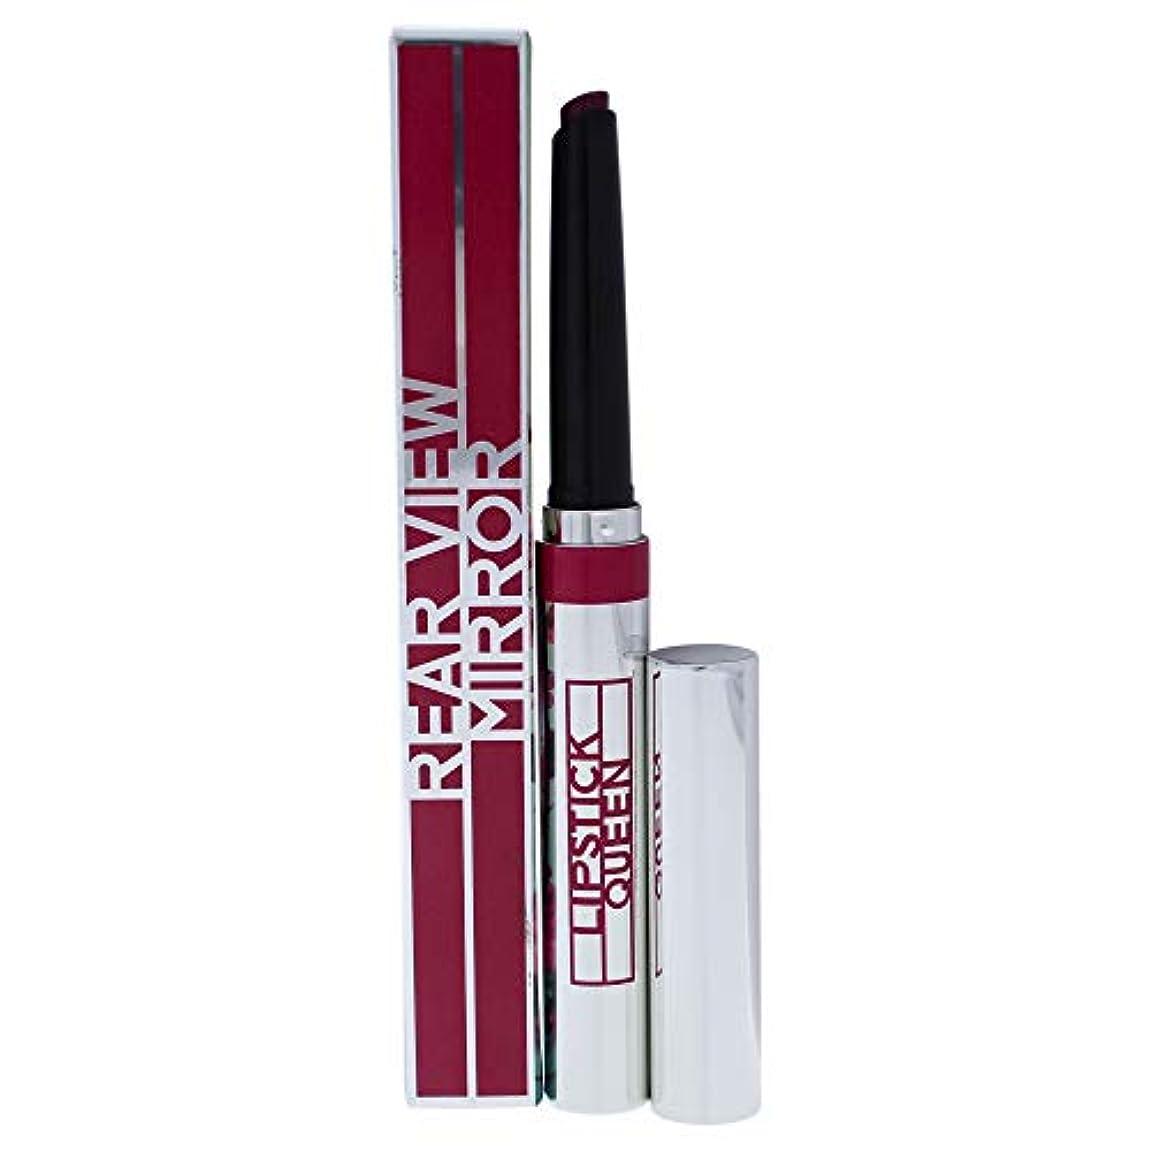 経験的見つける新鮮なリップスティック クィーン Rear View Mirror Lip Lacquer - # Berry Tacoma (A Bright Raspberry) 1.3g/0.04oz並行輸入品